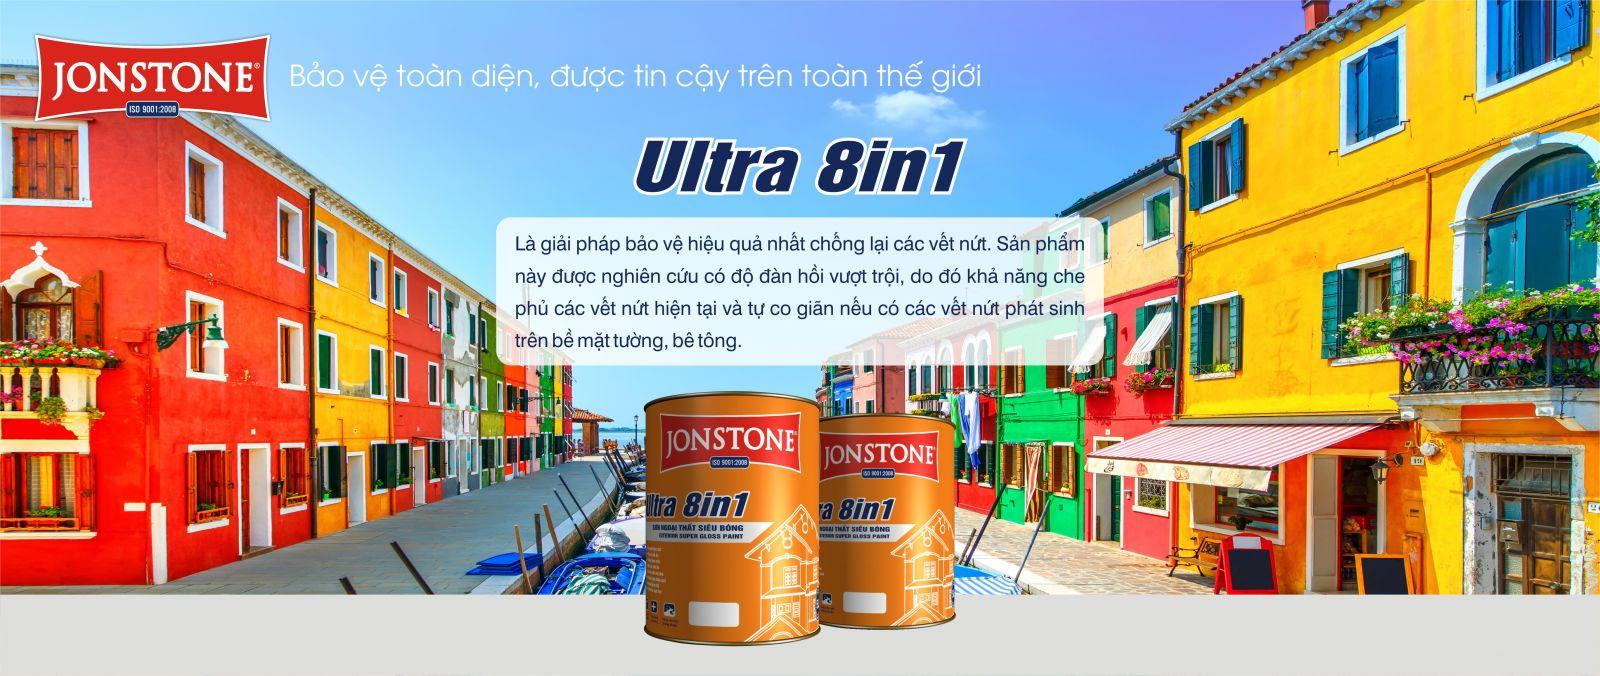 http://www.jonstonevn.com/admin/http://jonstonevn.com/san-pham/5/son-ngoai-that